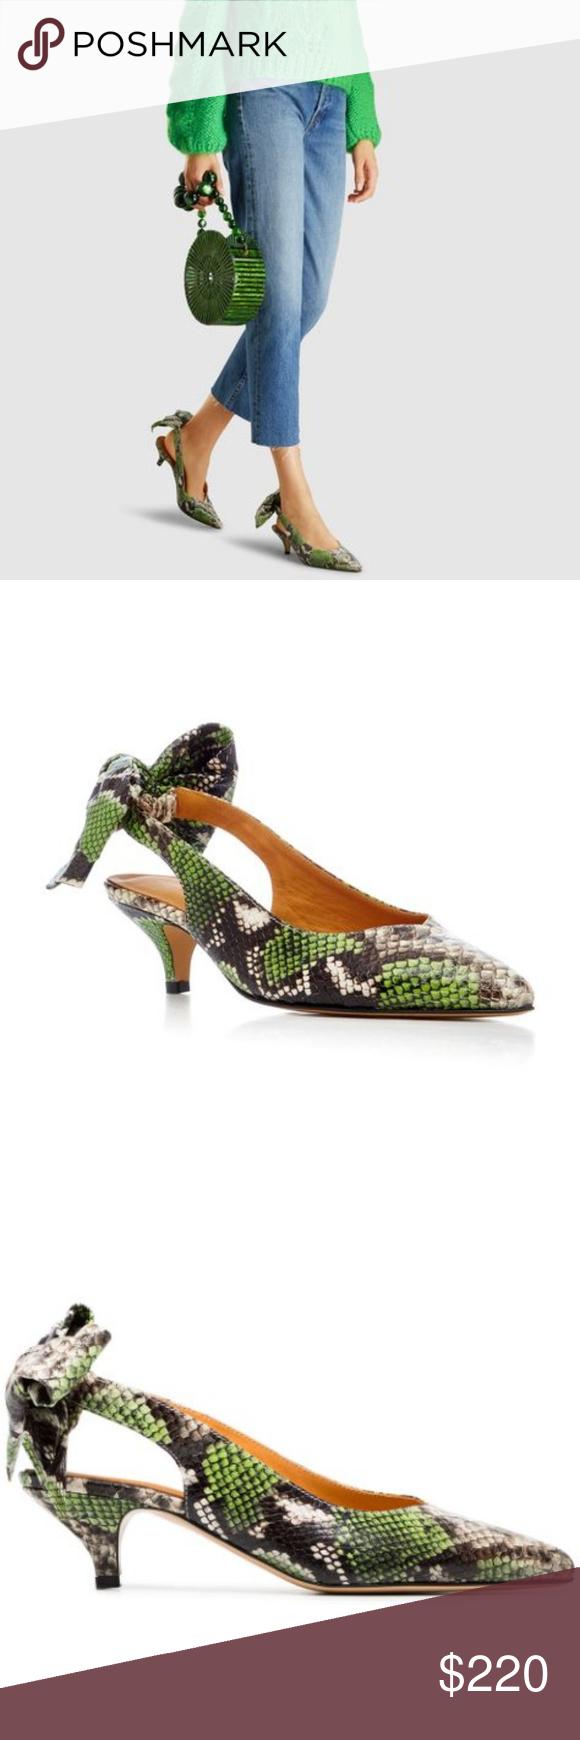 Ganni Leather Green Sabine 50 Snakeskin Pumps Pumps Ganni Snake Skin